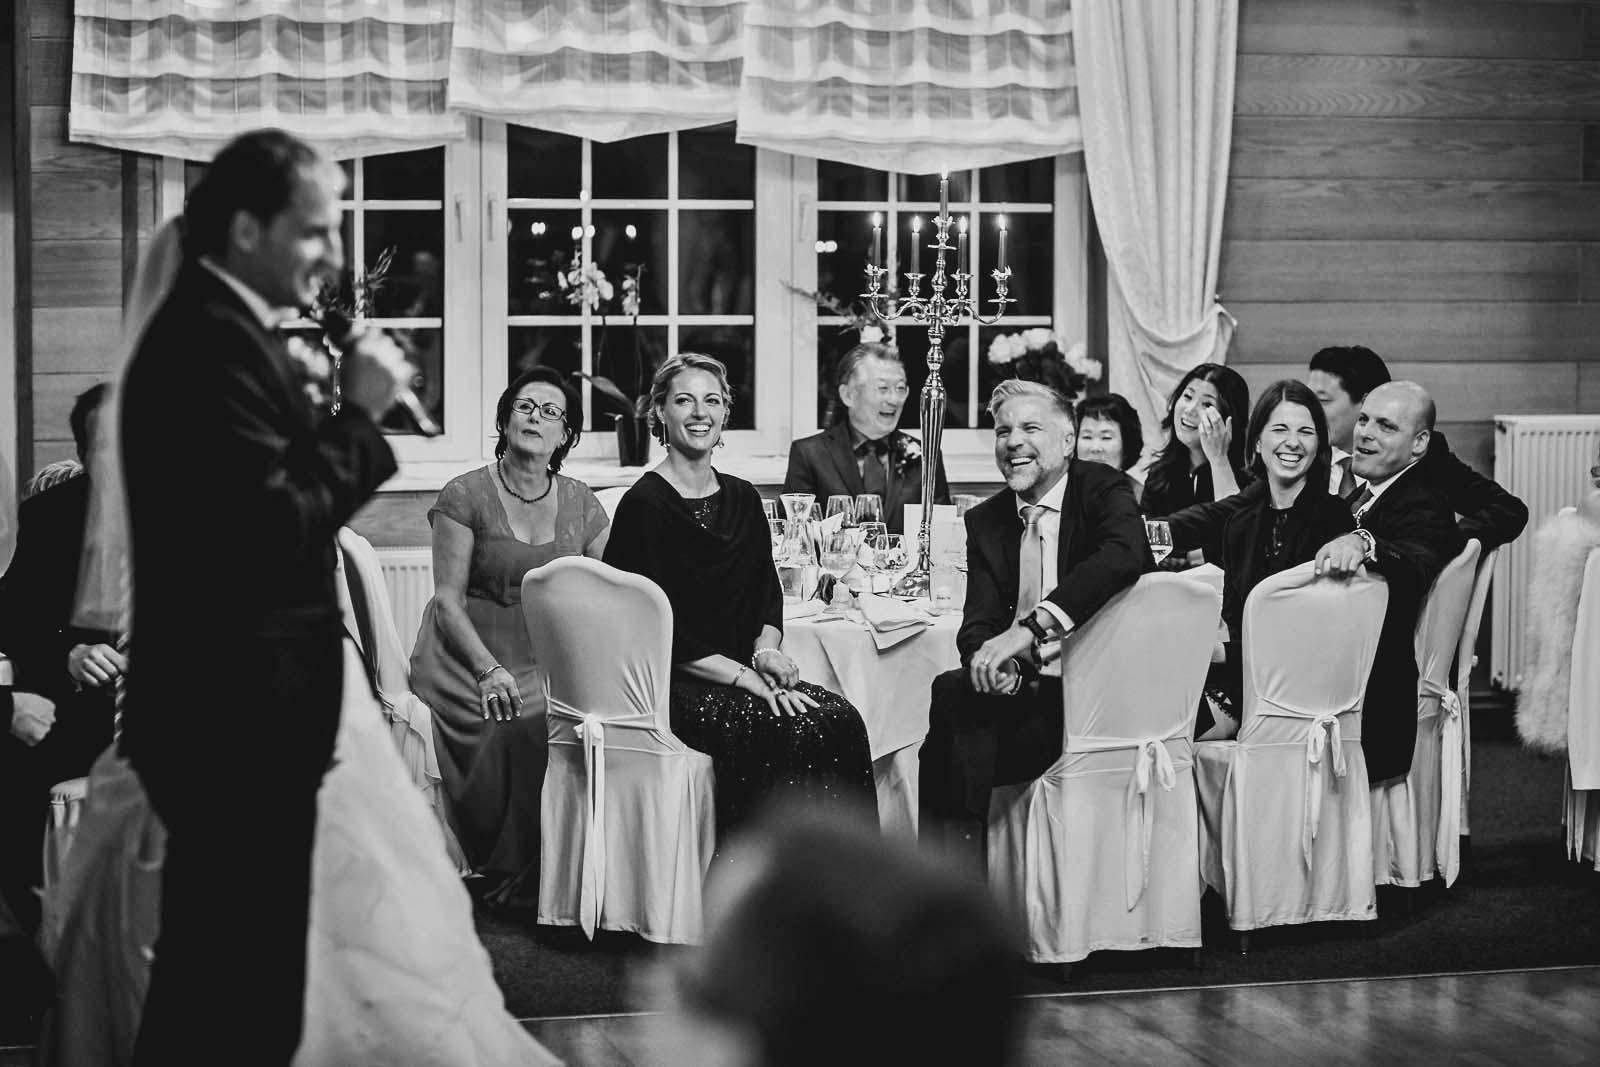 Gaeste lachen auf dem Foto der Hochzeitsreportage Copyright by Hochzeitsfotograf www.berliner-hochzeitsfotografie.de